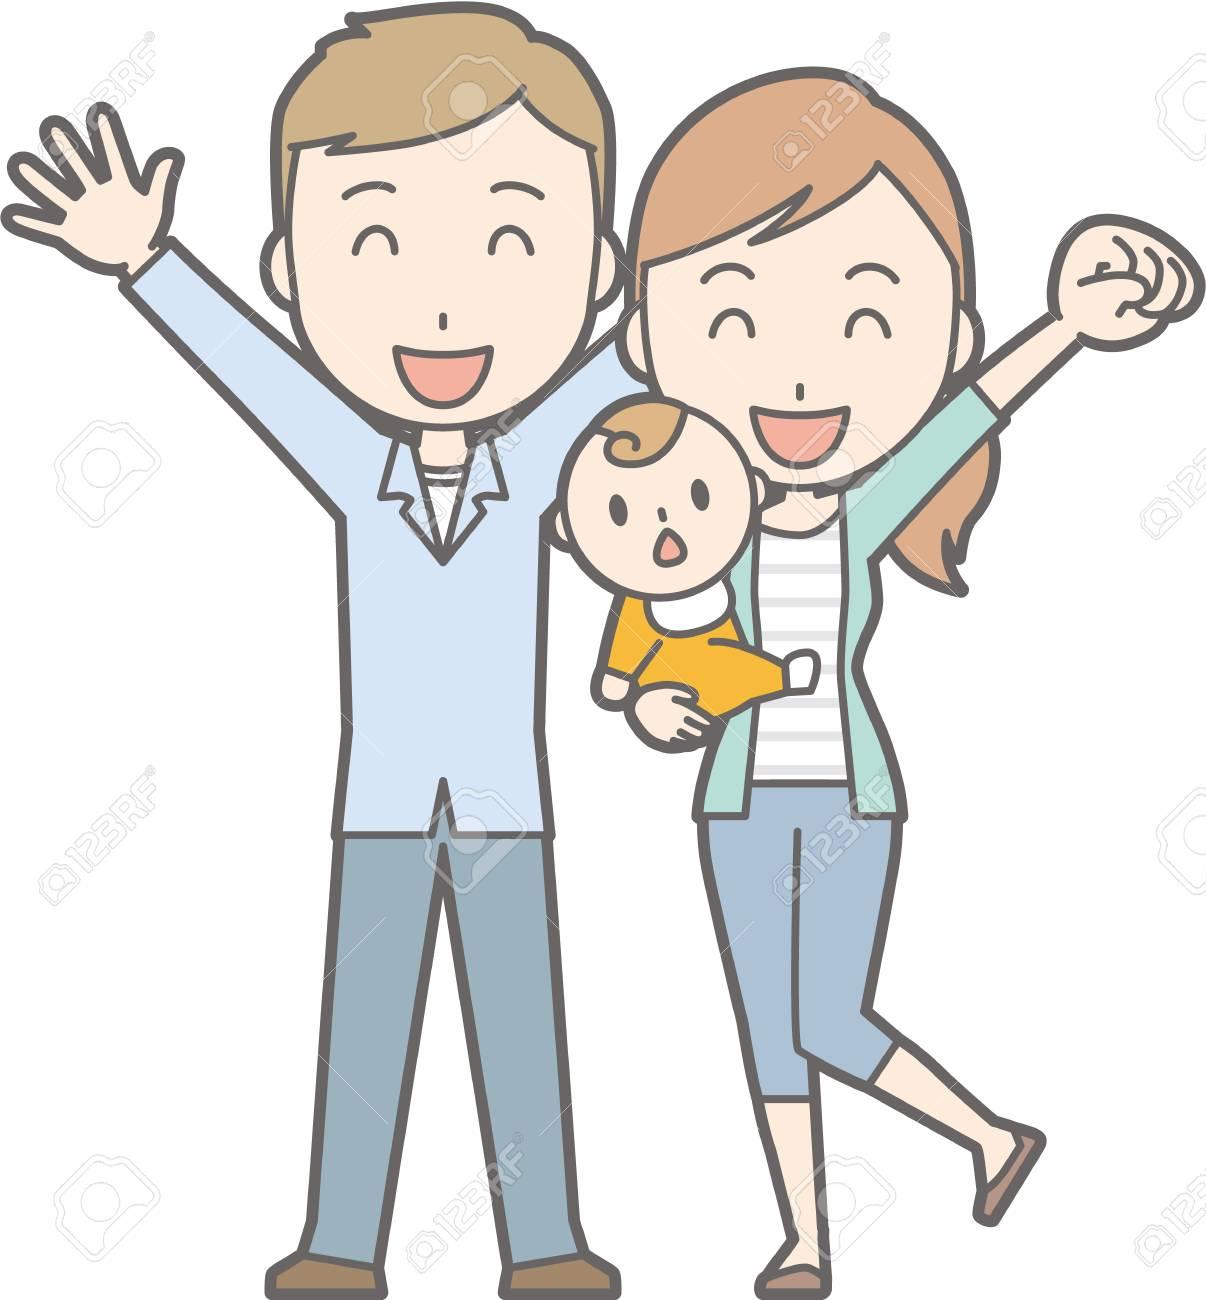 健康な家族 No04 32 Generations の家族のイラスト素材ベクタ